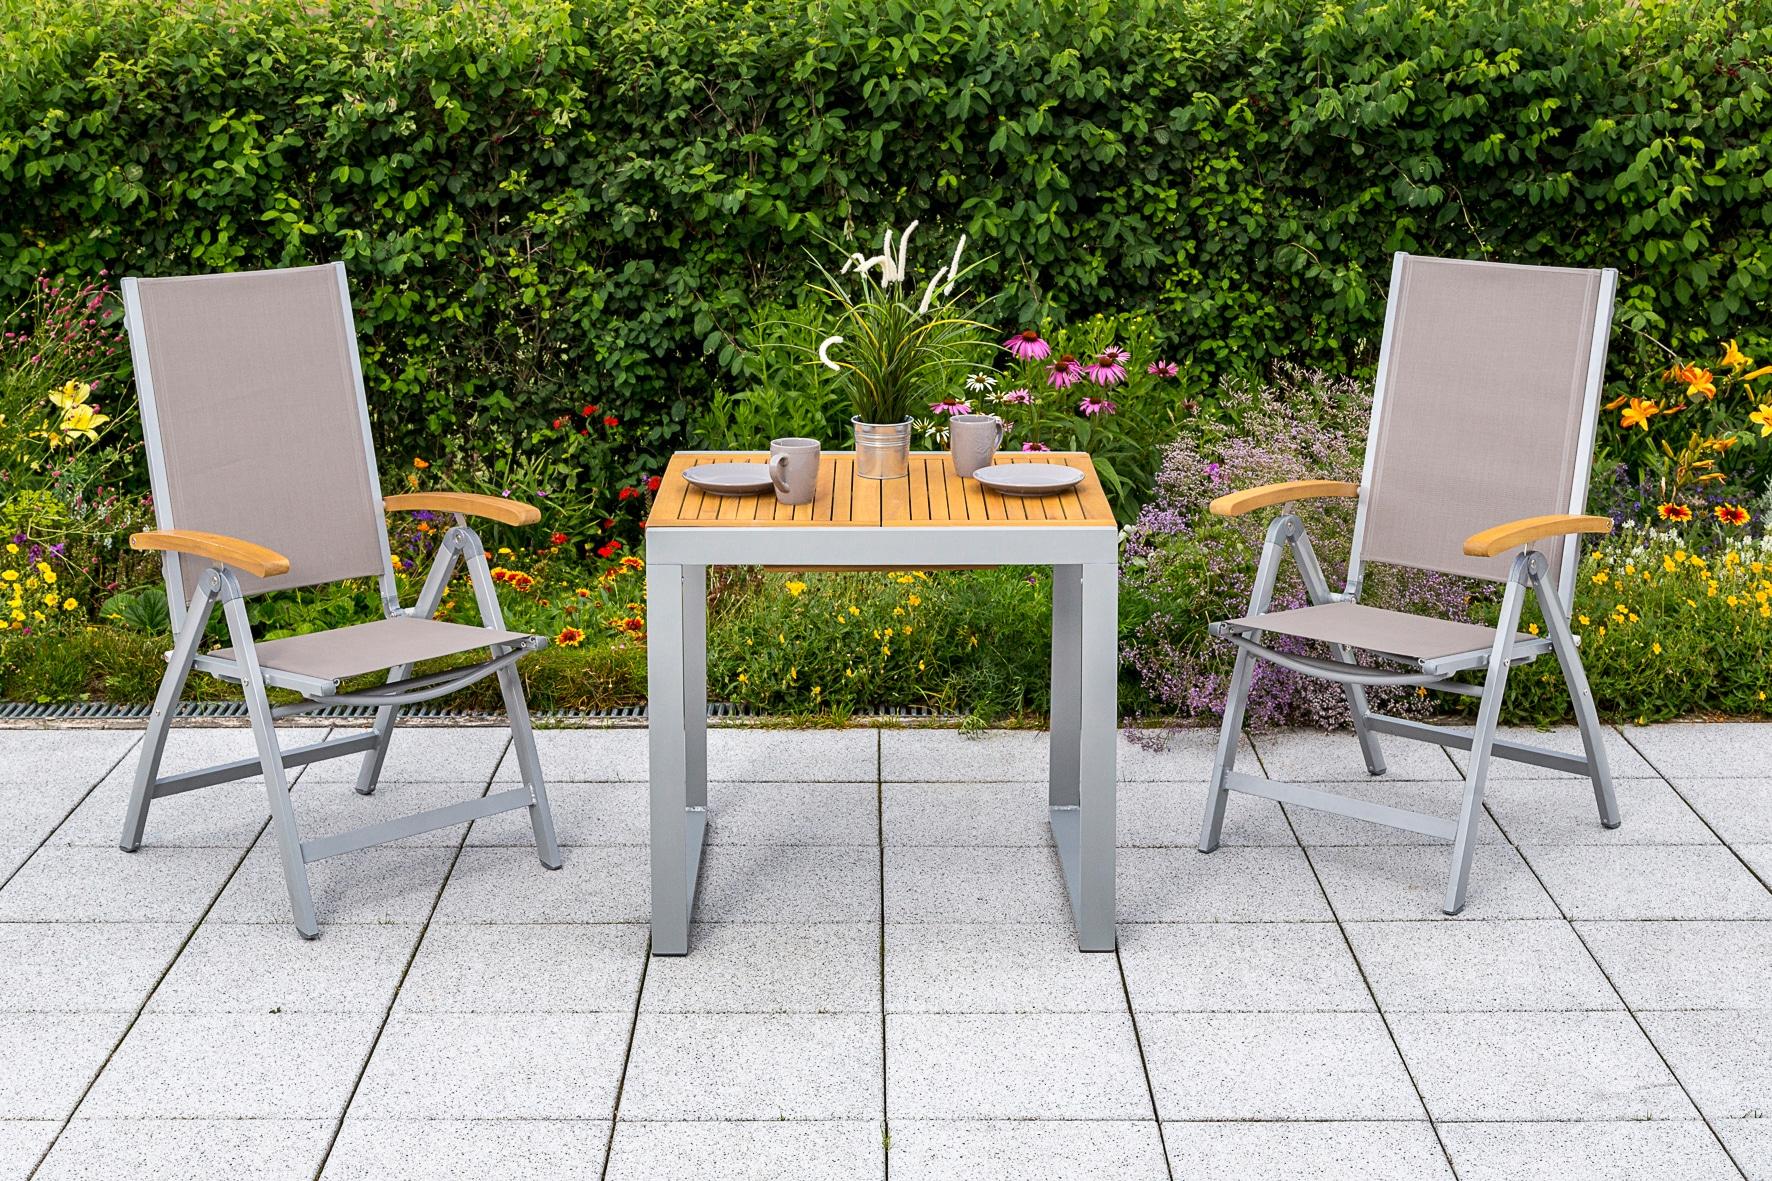 MERXX Gartenmöbelset Naxos 3tlg 2 Sessel Tisch klappbar ausziehbar Akazien